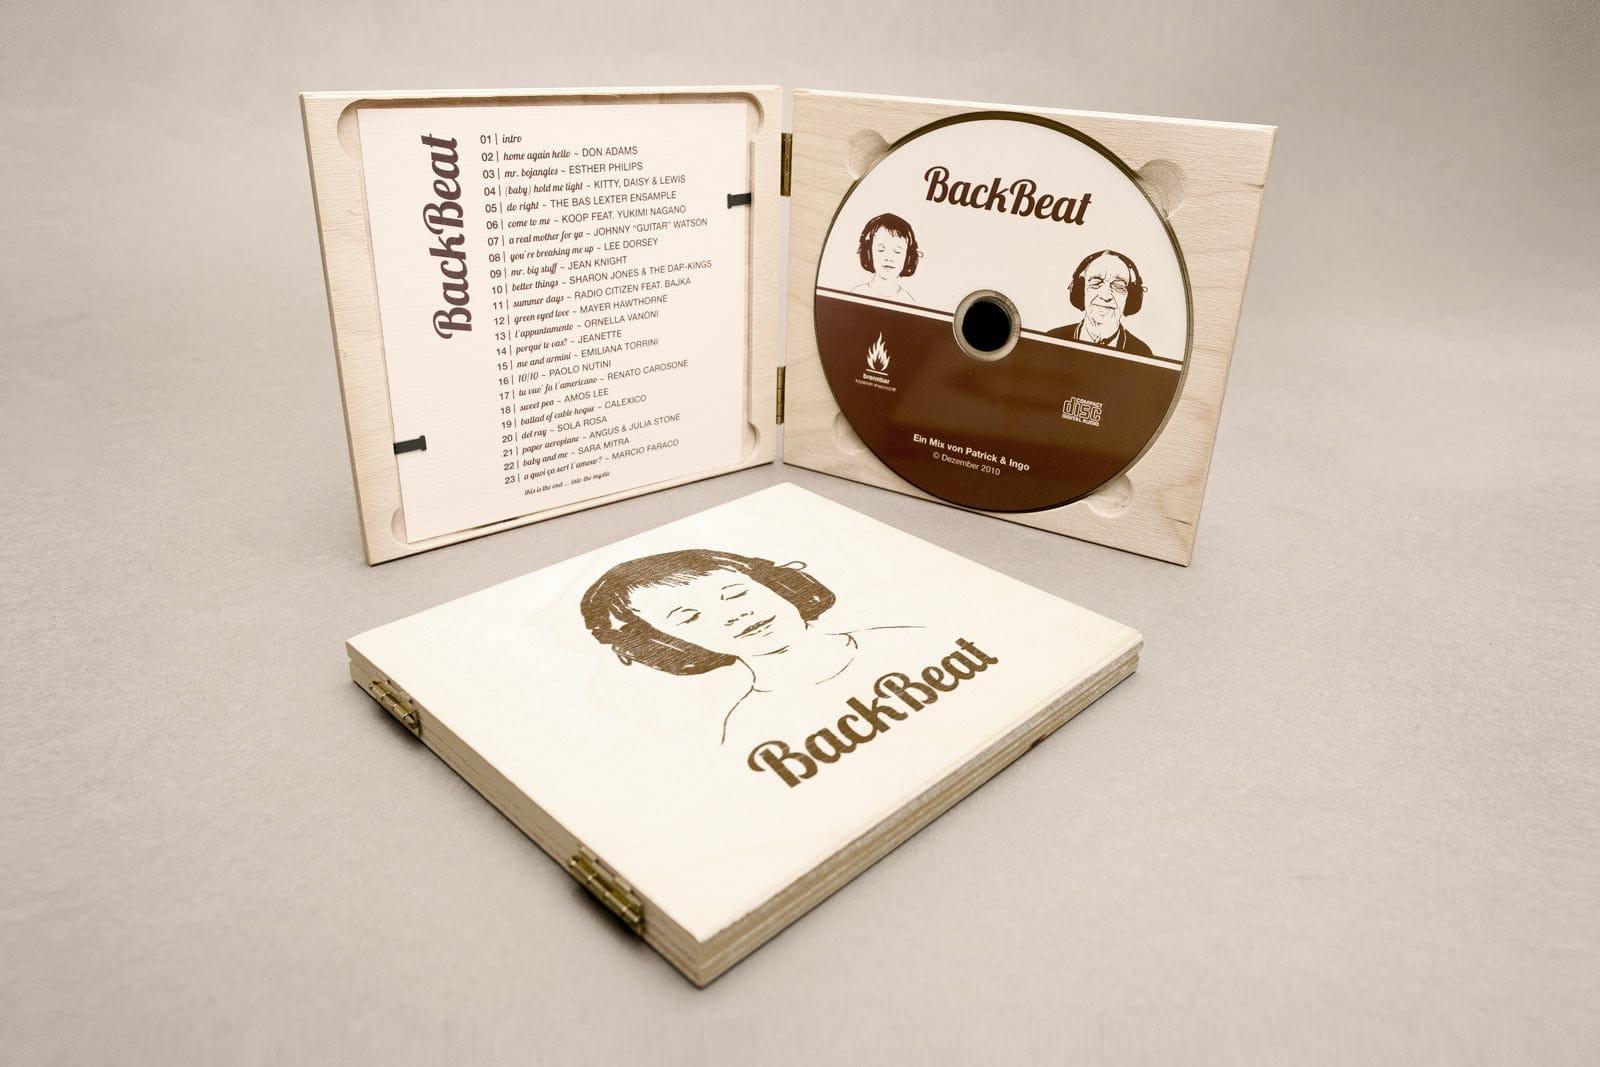 BackBeat, Musik Compilation, Booklet, CD-Label, CD Cover, CD Holzhülle, Illustration, Cover Artwork, Perspektive